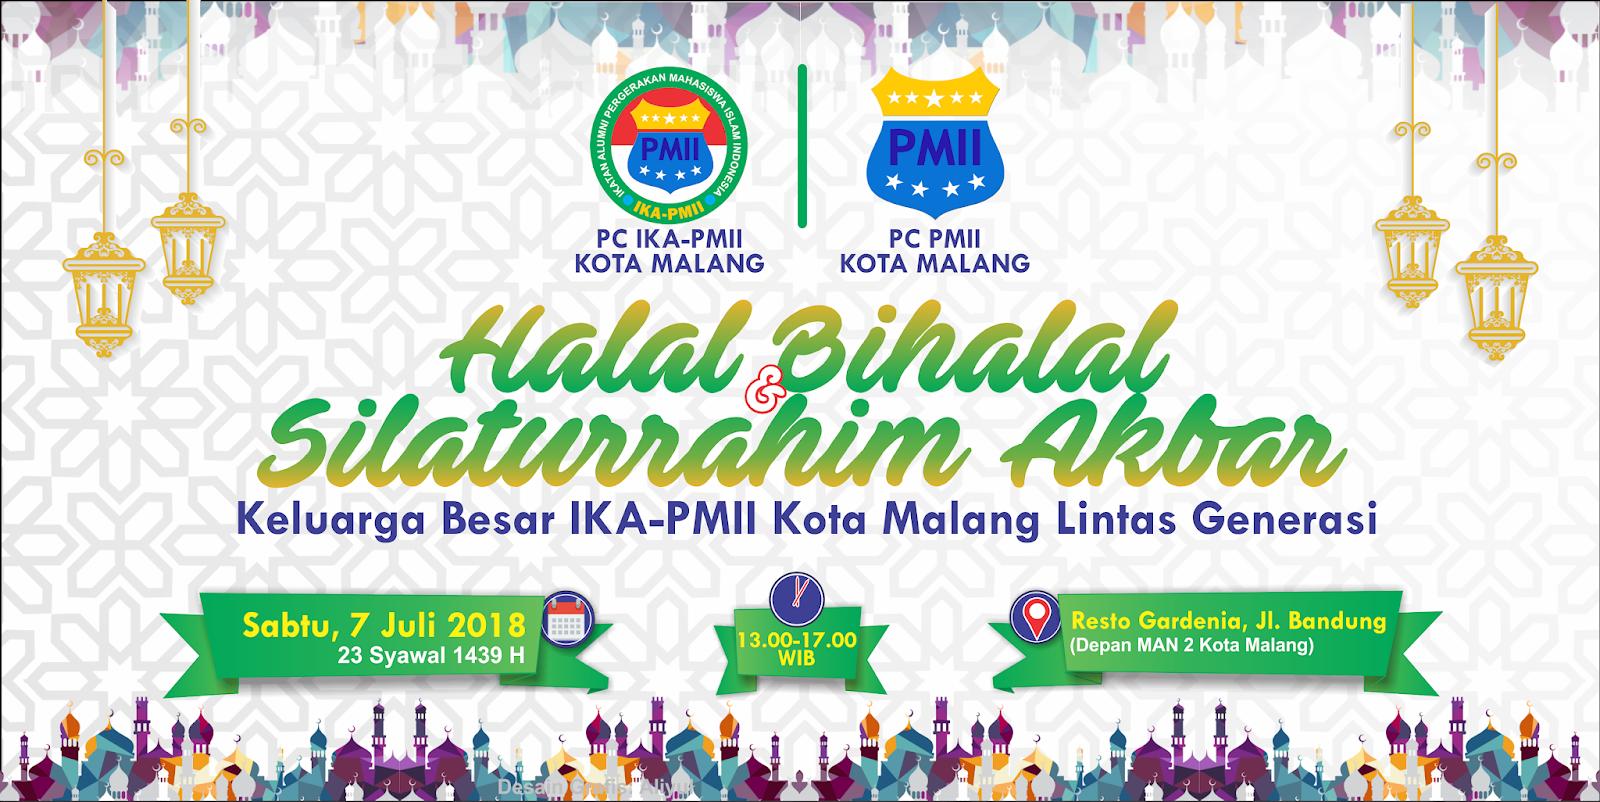 Halal Bihalal Pmii Kota Malang Lintas Generasi